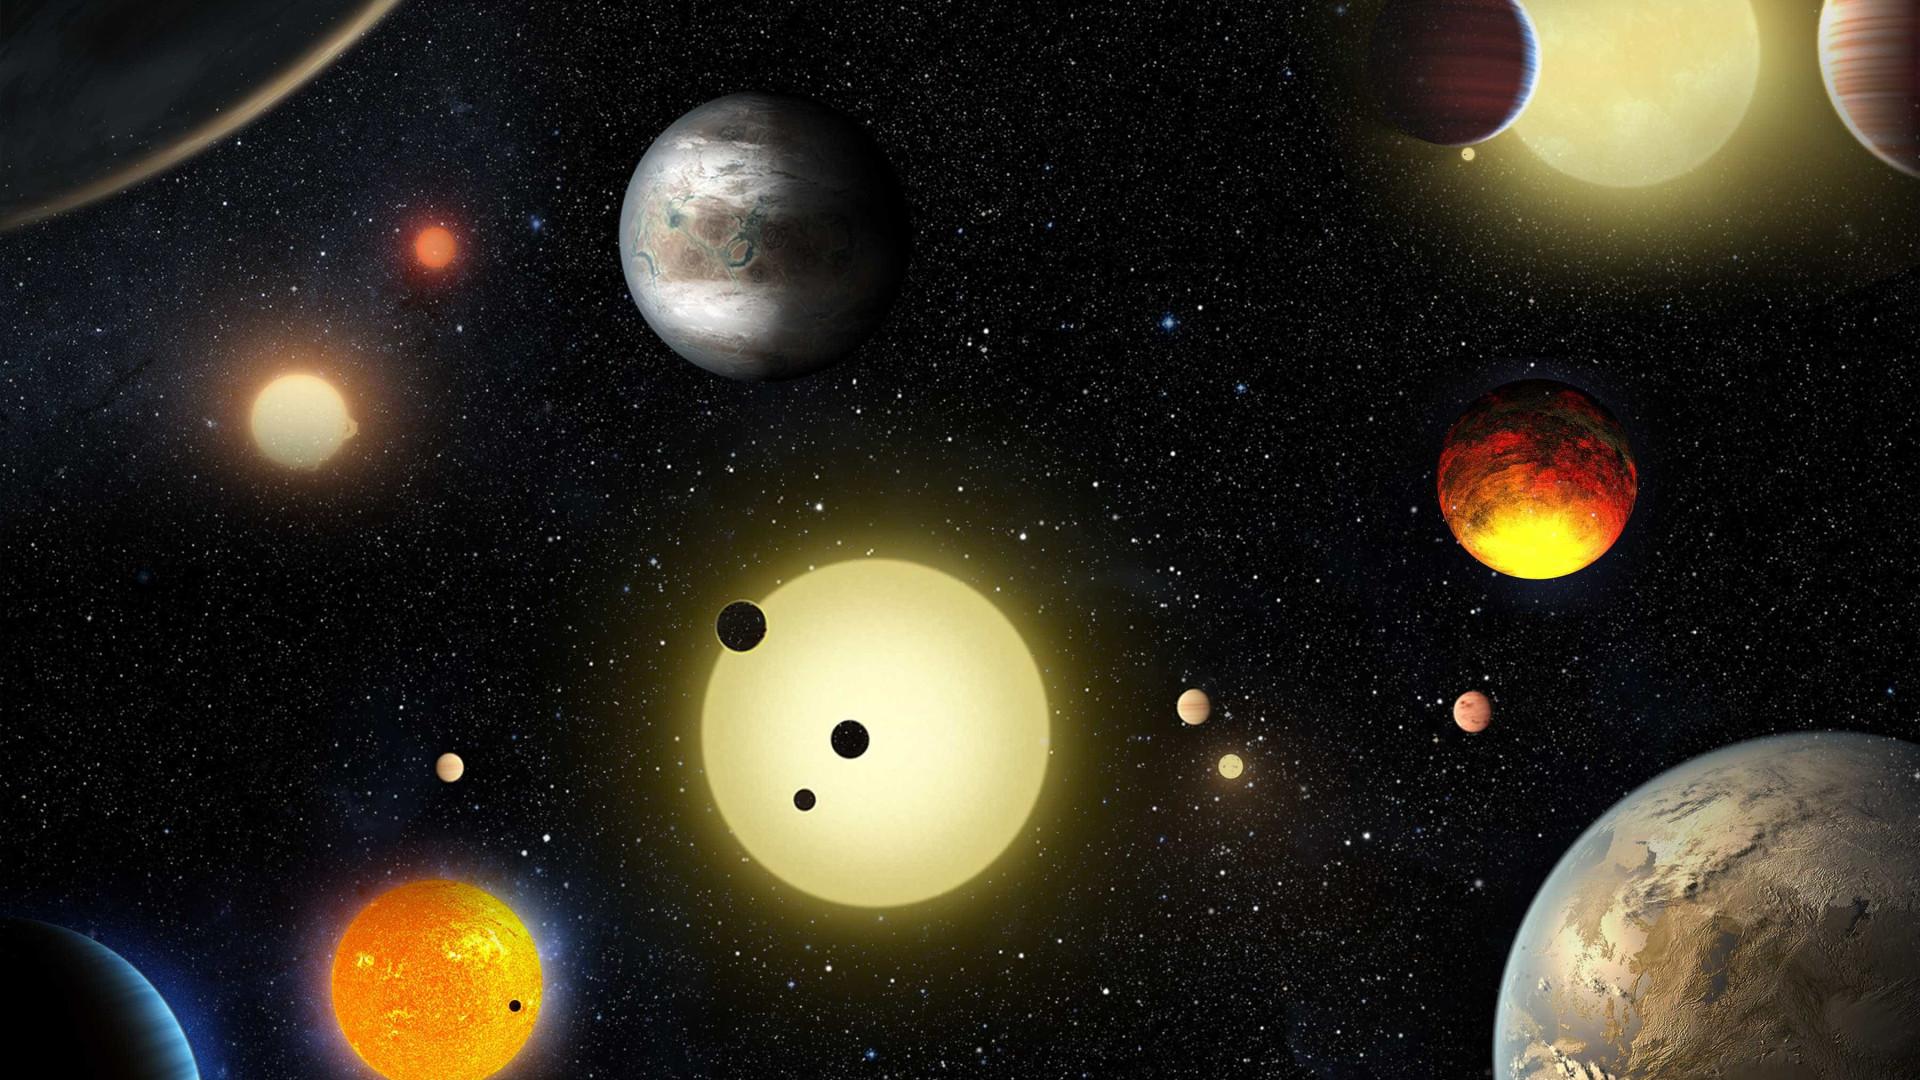 Encontrar planetas fora do Sistema Solar se torna mais complicado